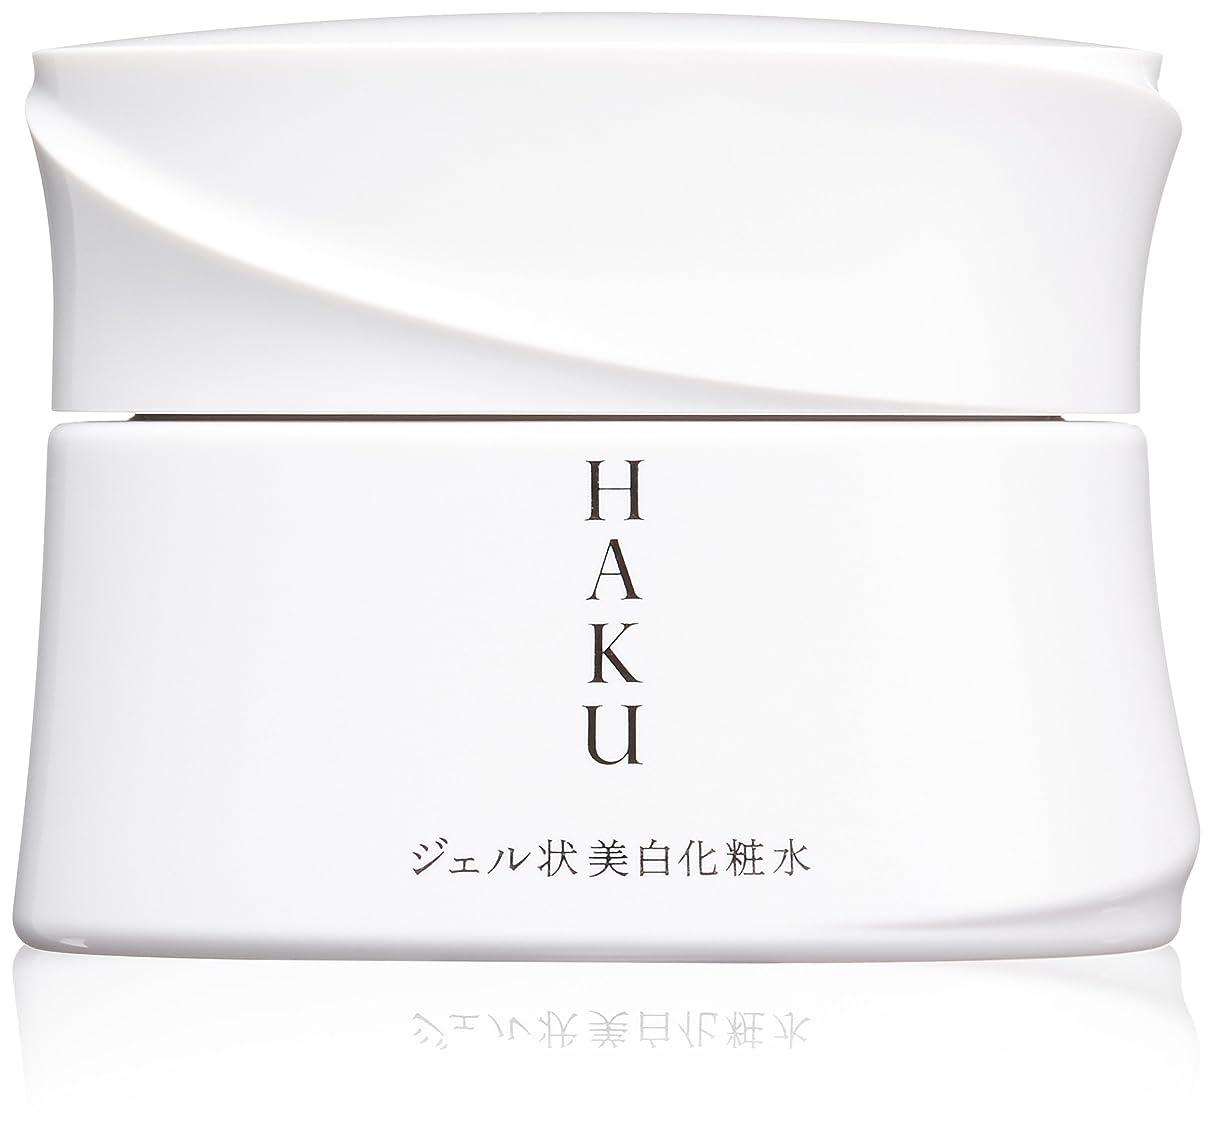 スマッシュ遠え花HAKU メラノディープモイスチャー 美白化粧水 100g 【医薬部外品】